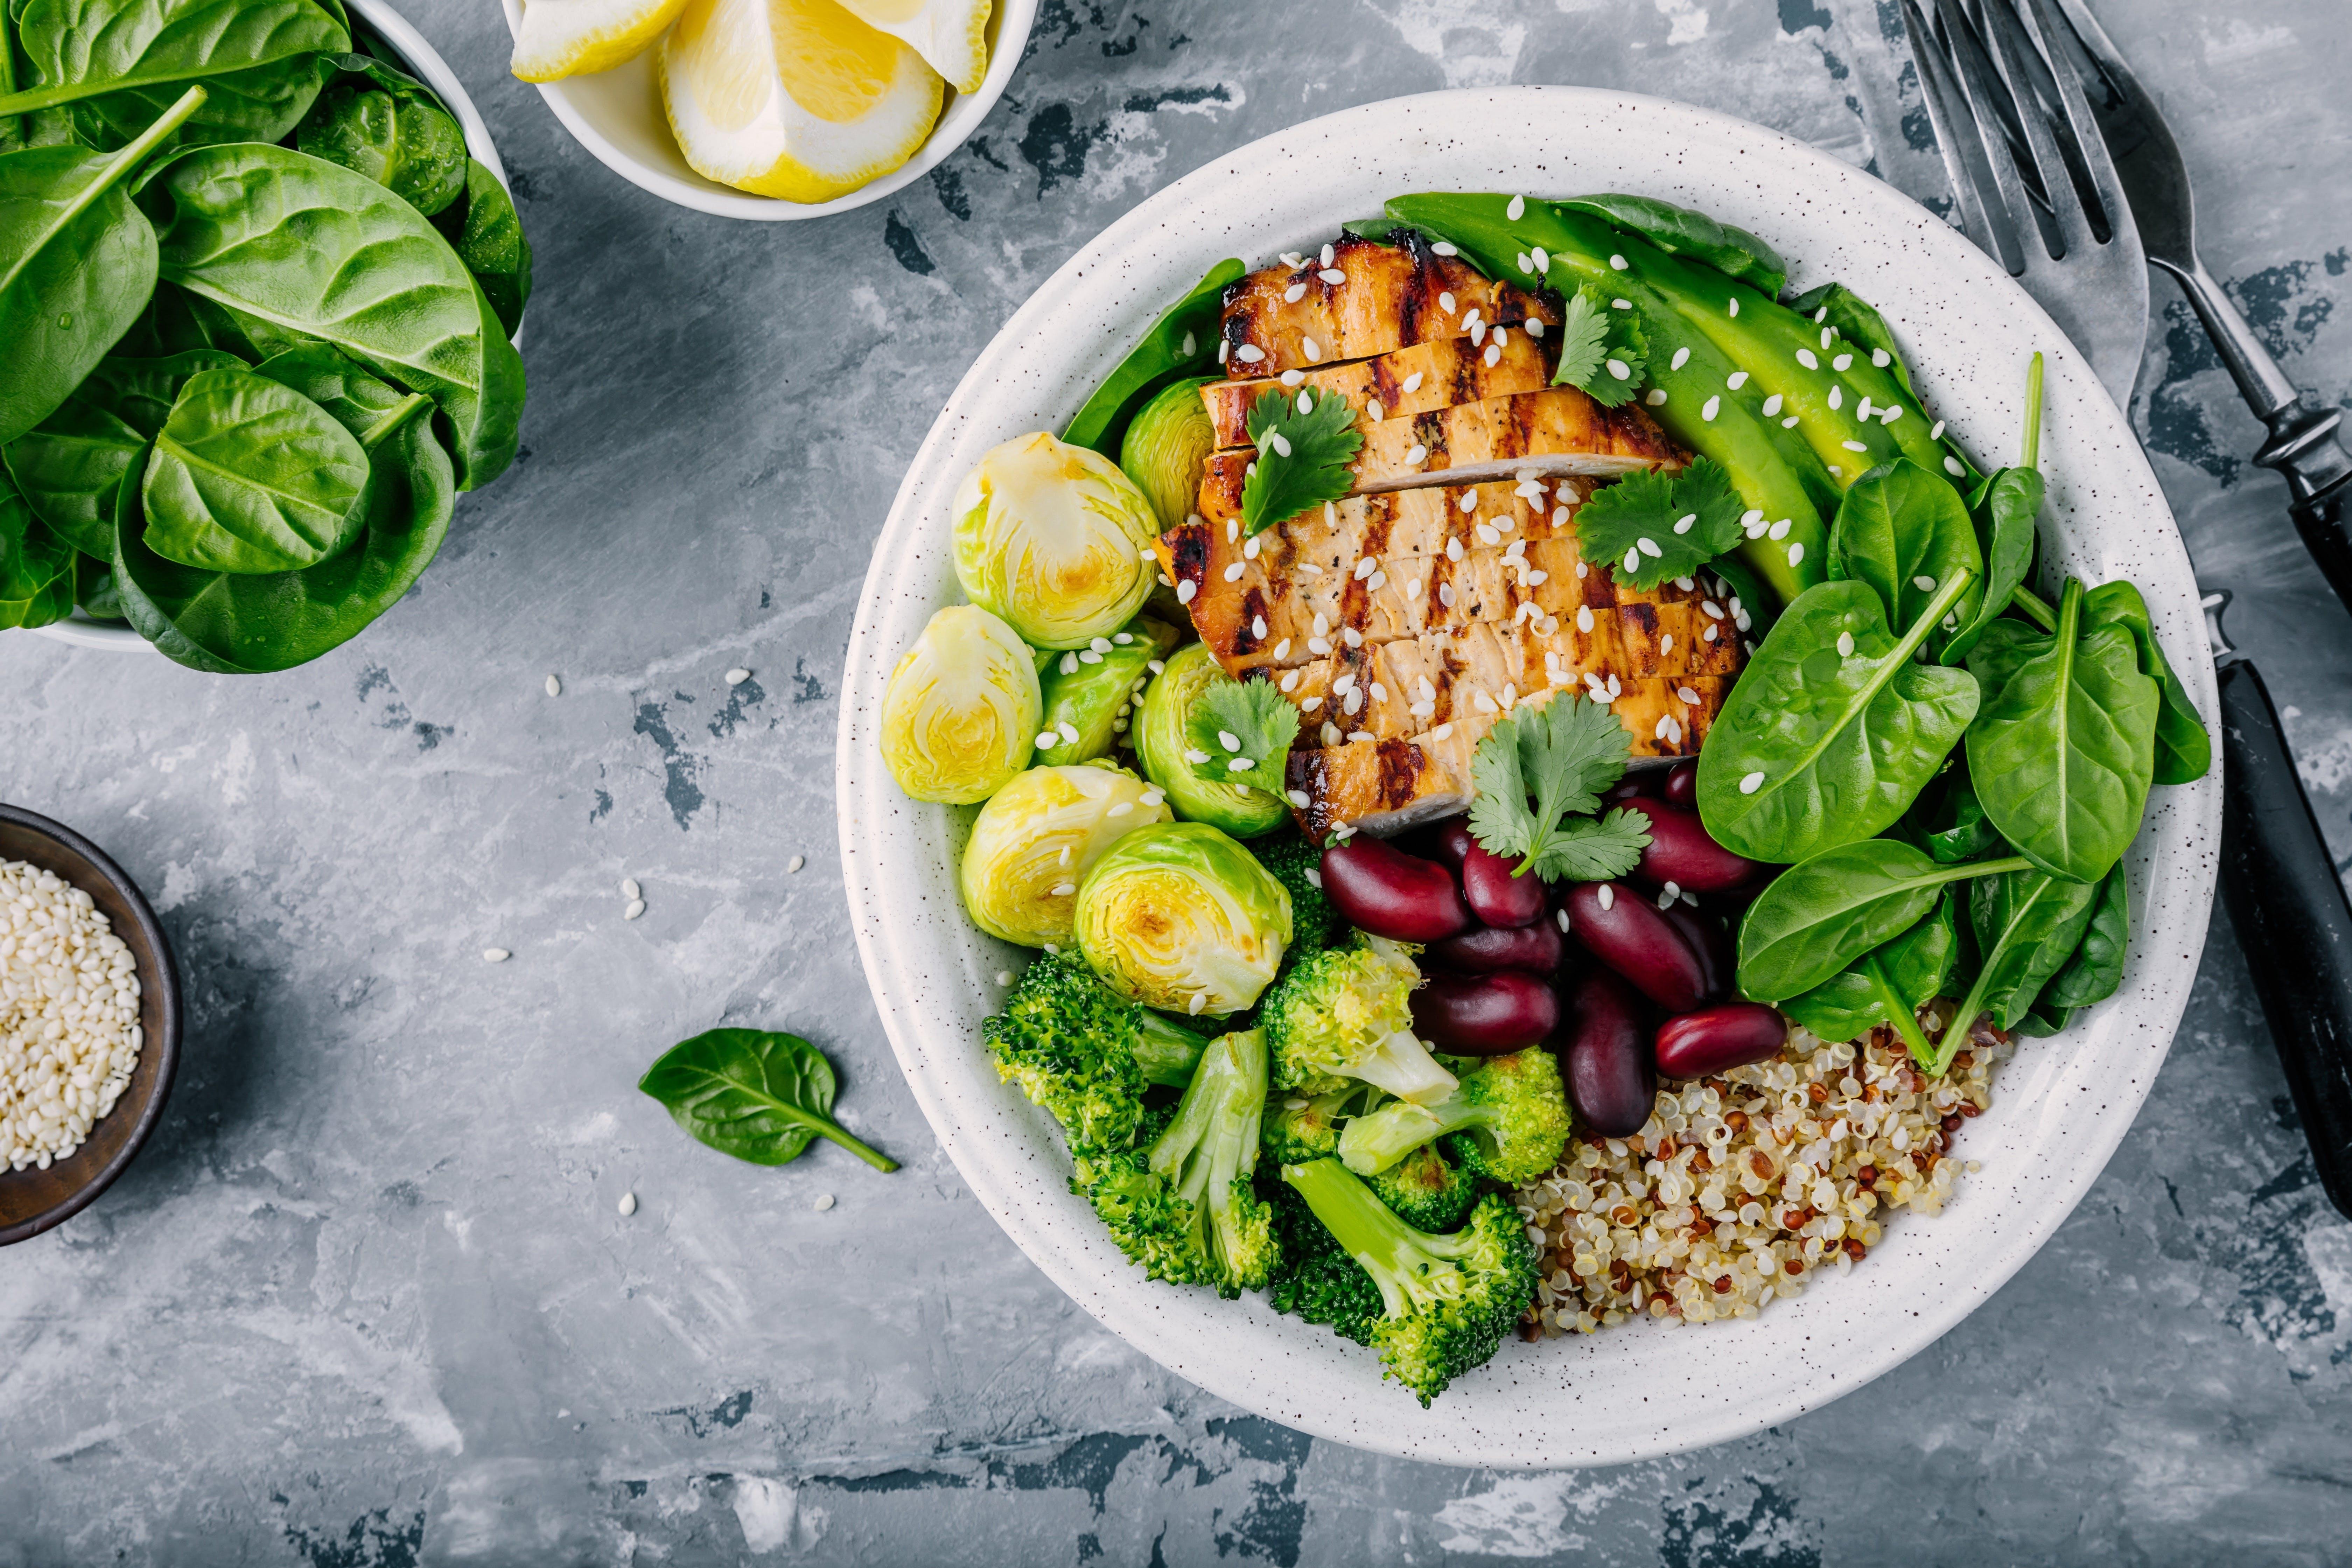 aliment riche en proteine pauvre en graisse